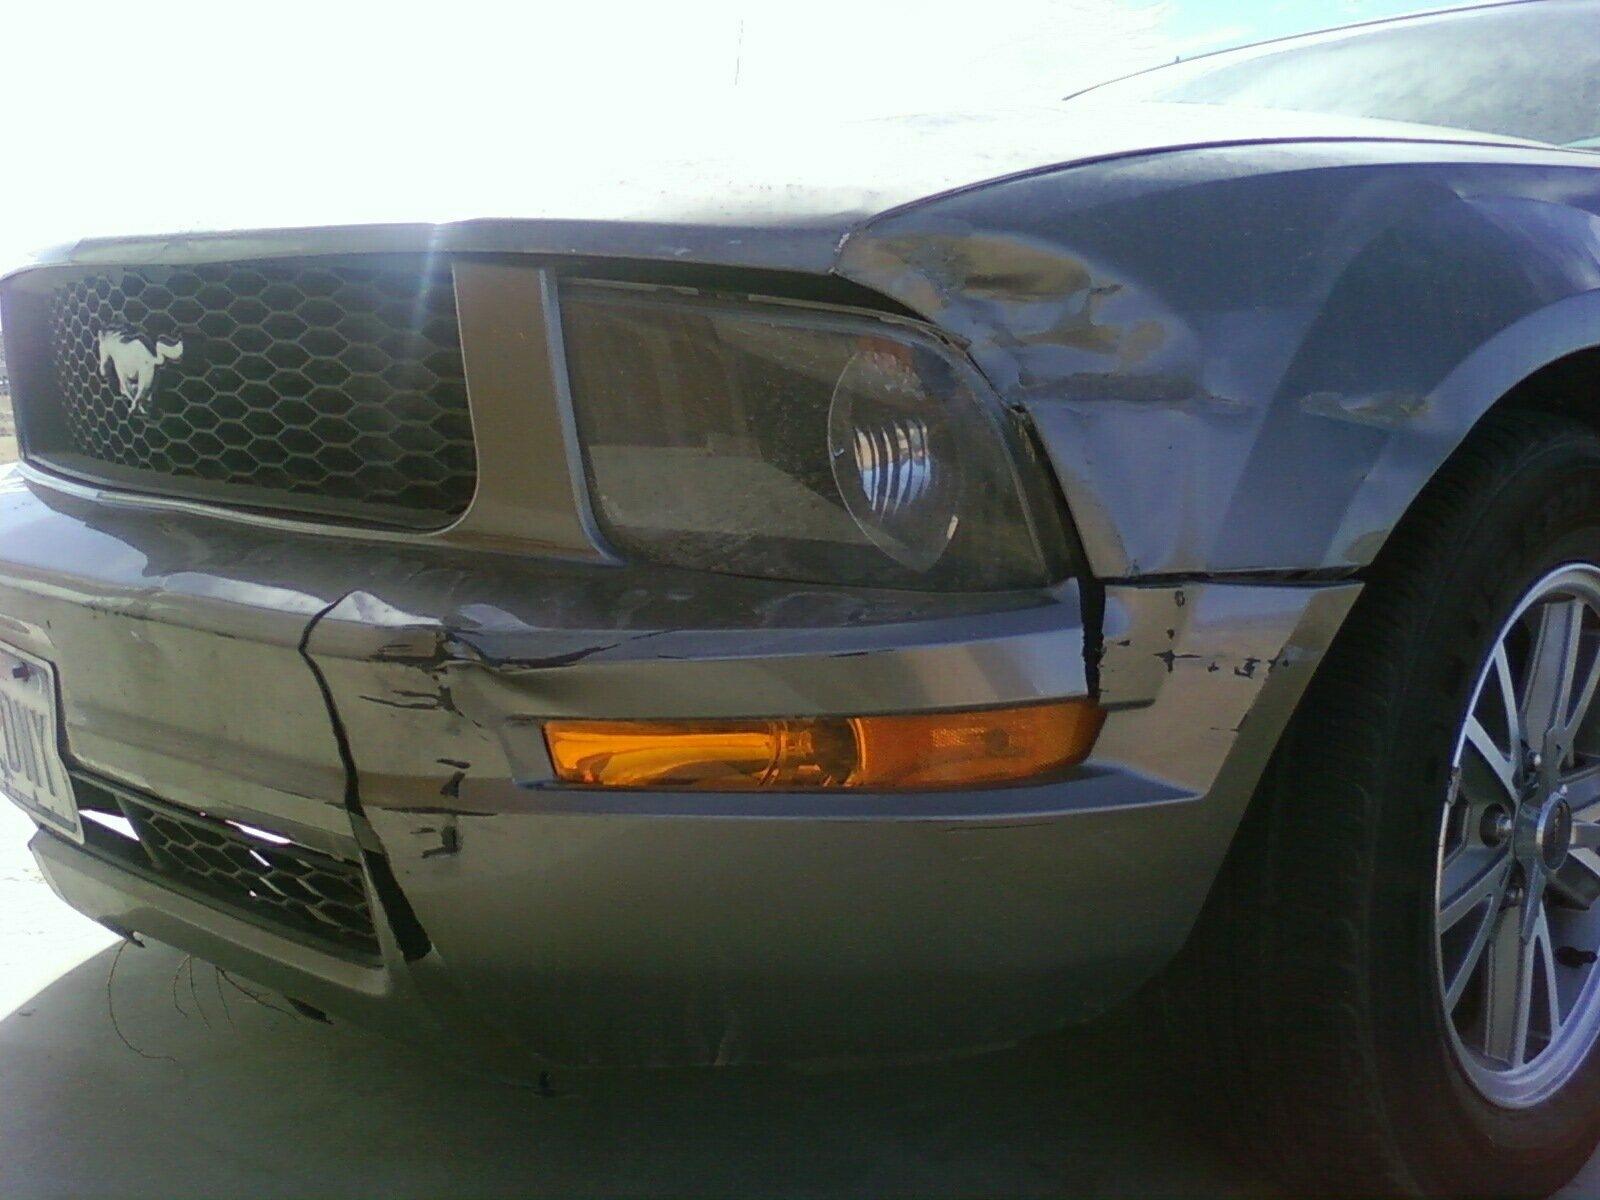 2005 Mustang Accident Repair Help